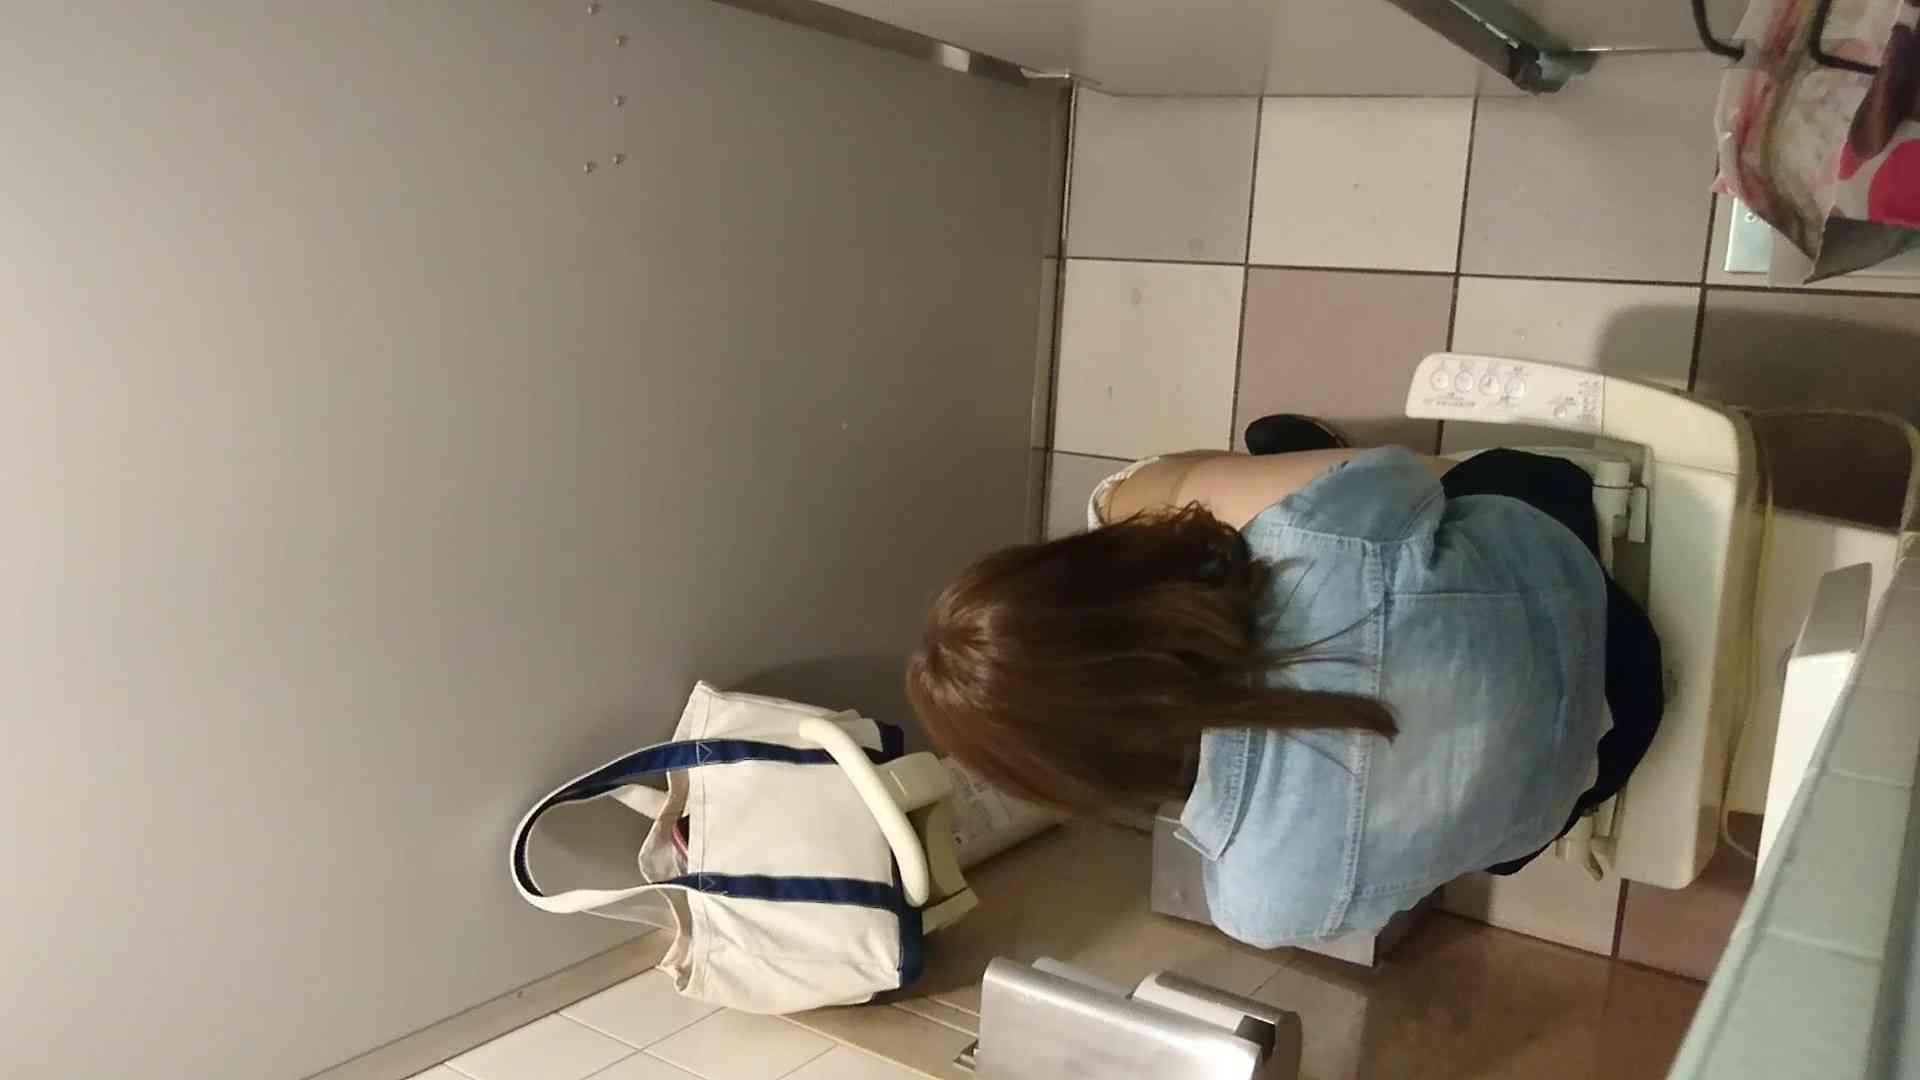 化粧室絵巻 ショッピングモール編 VOL.17 盛合せ  100PIX 19